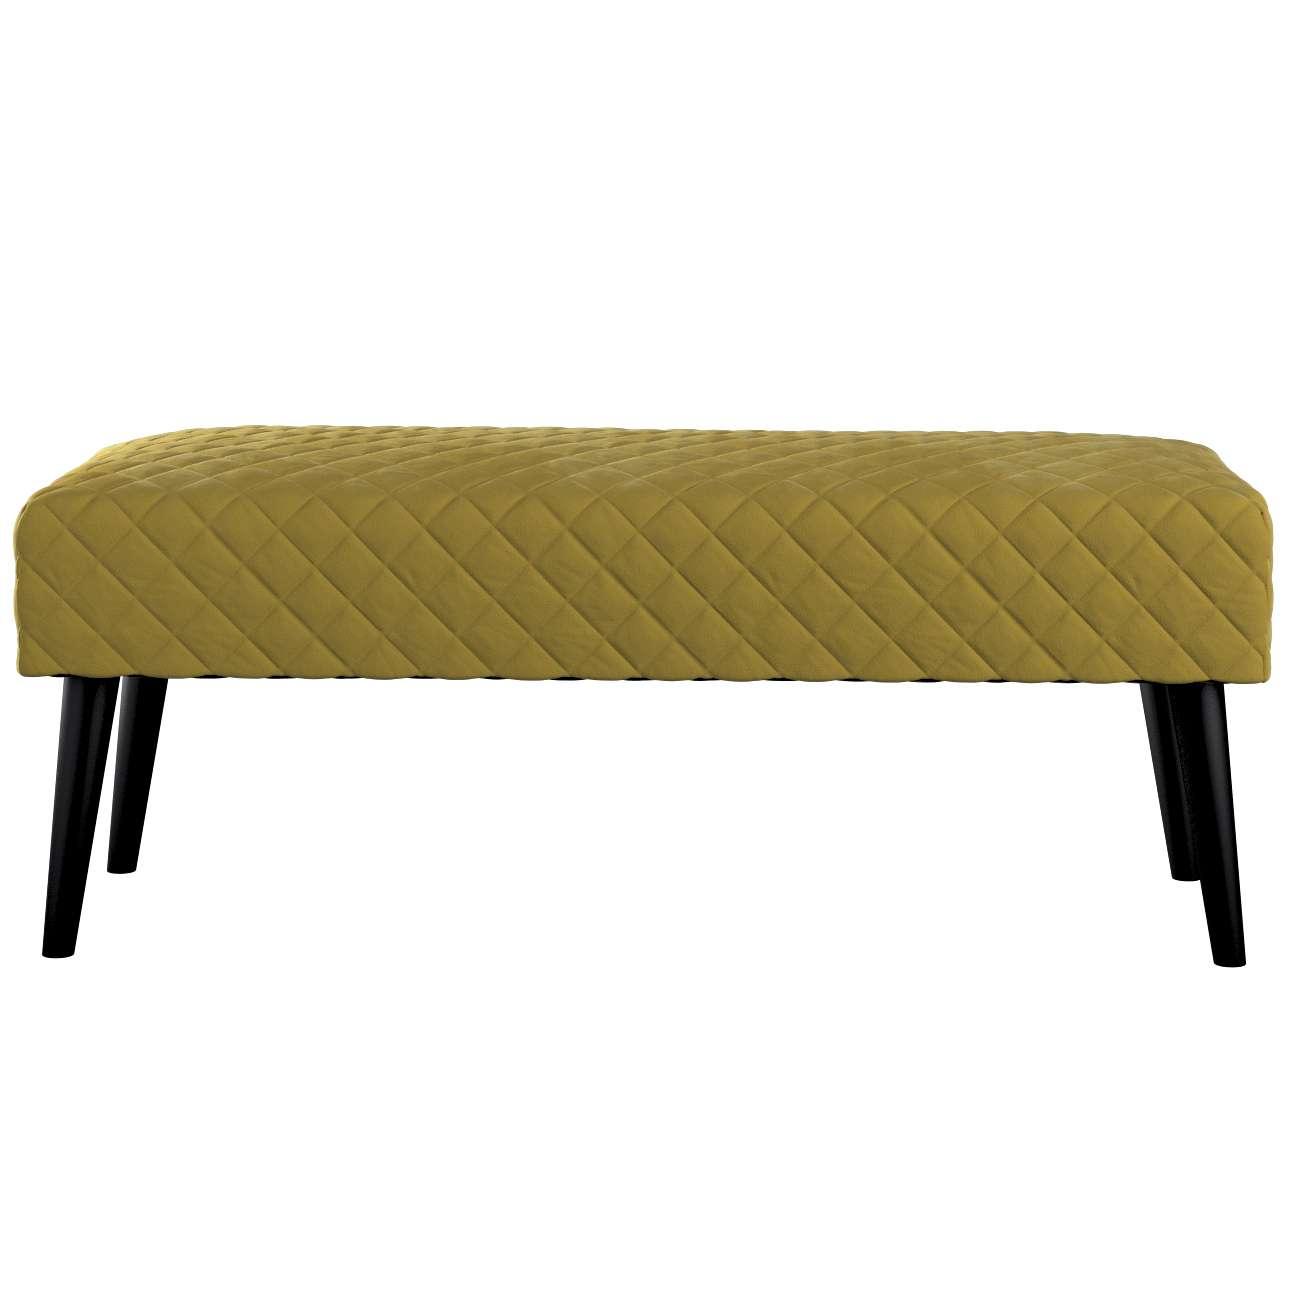 Čalúnená lavica, pikovaná, Velvet V kolekcii Velvet, tkanina: 704-27